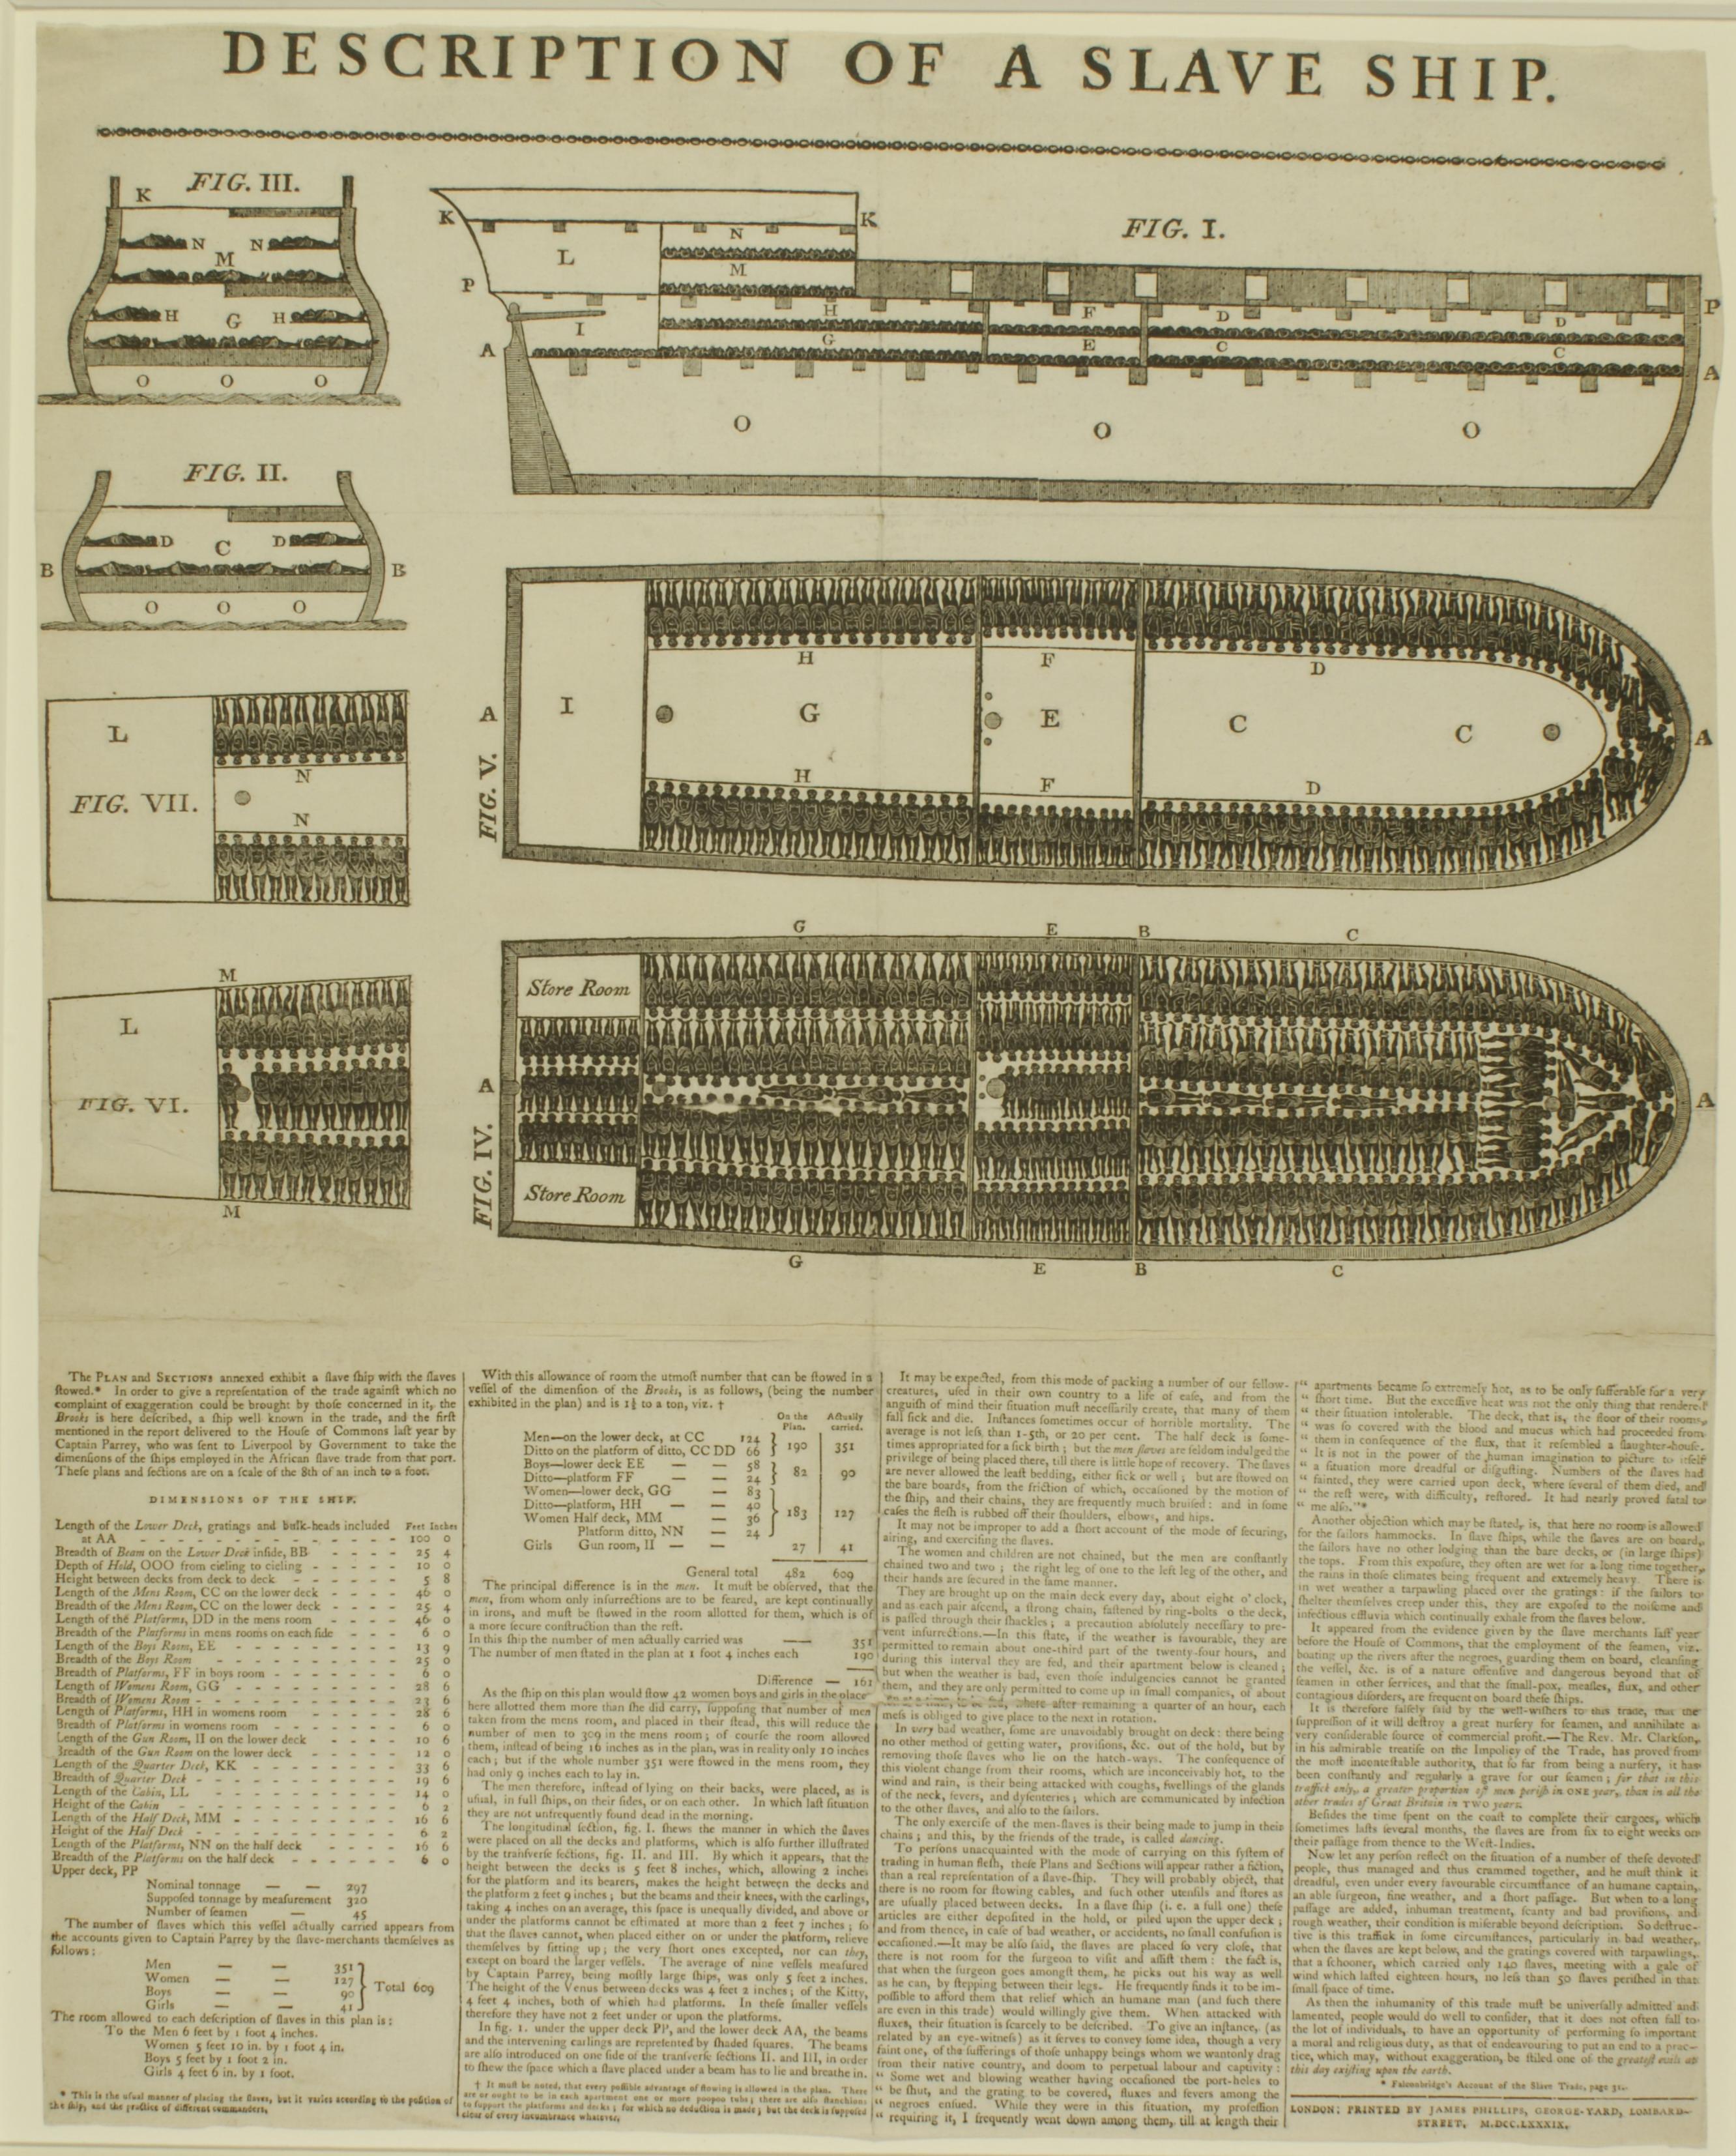 219 Years Ago Description Of A Slave Ship